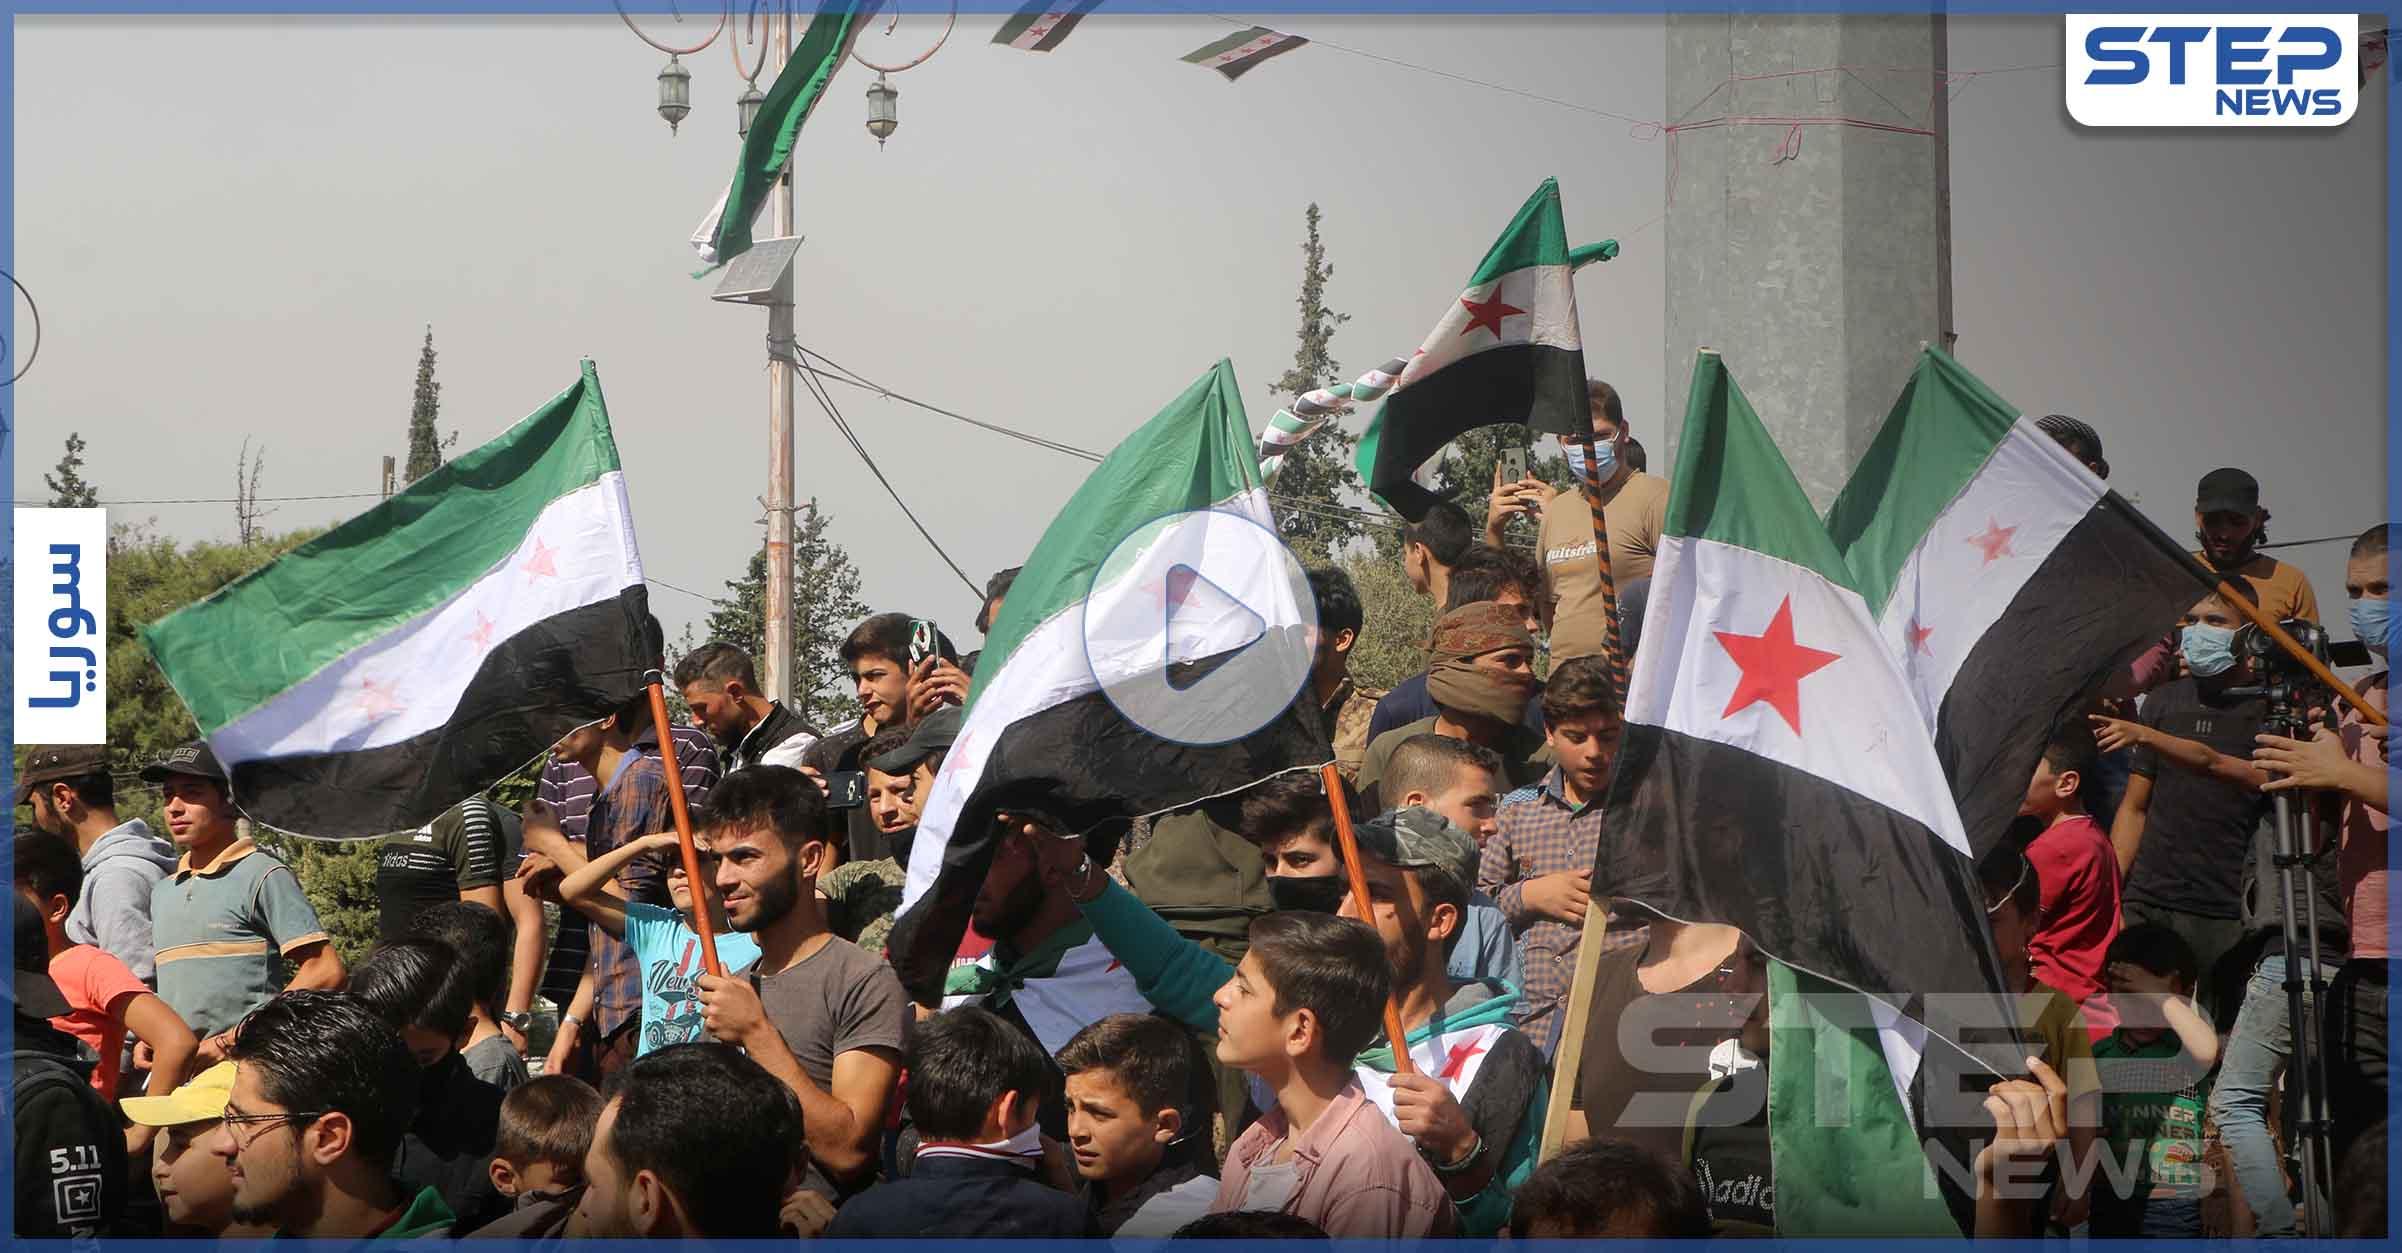 """مظاهرة شعبية في ساحة السبع بحرات وسط مدينة إدلب تحت عنوان """"لاشرعية لطاغية و مستبد علينا"""""""